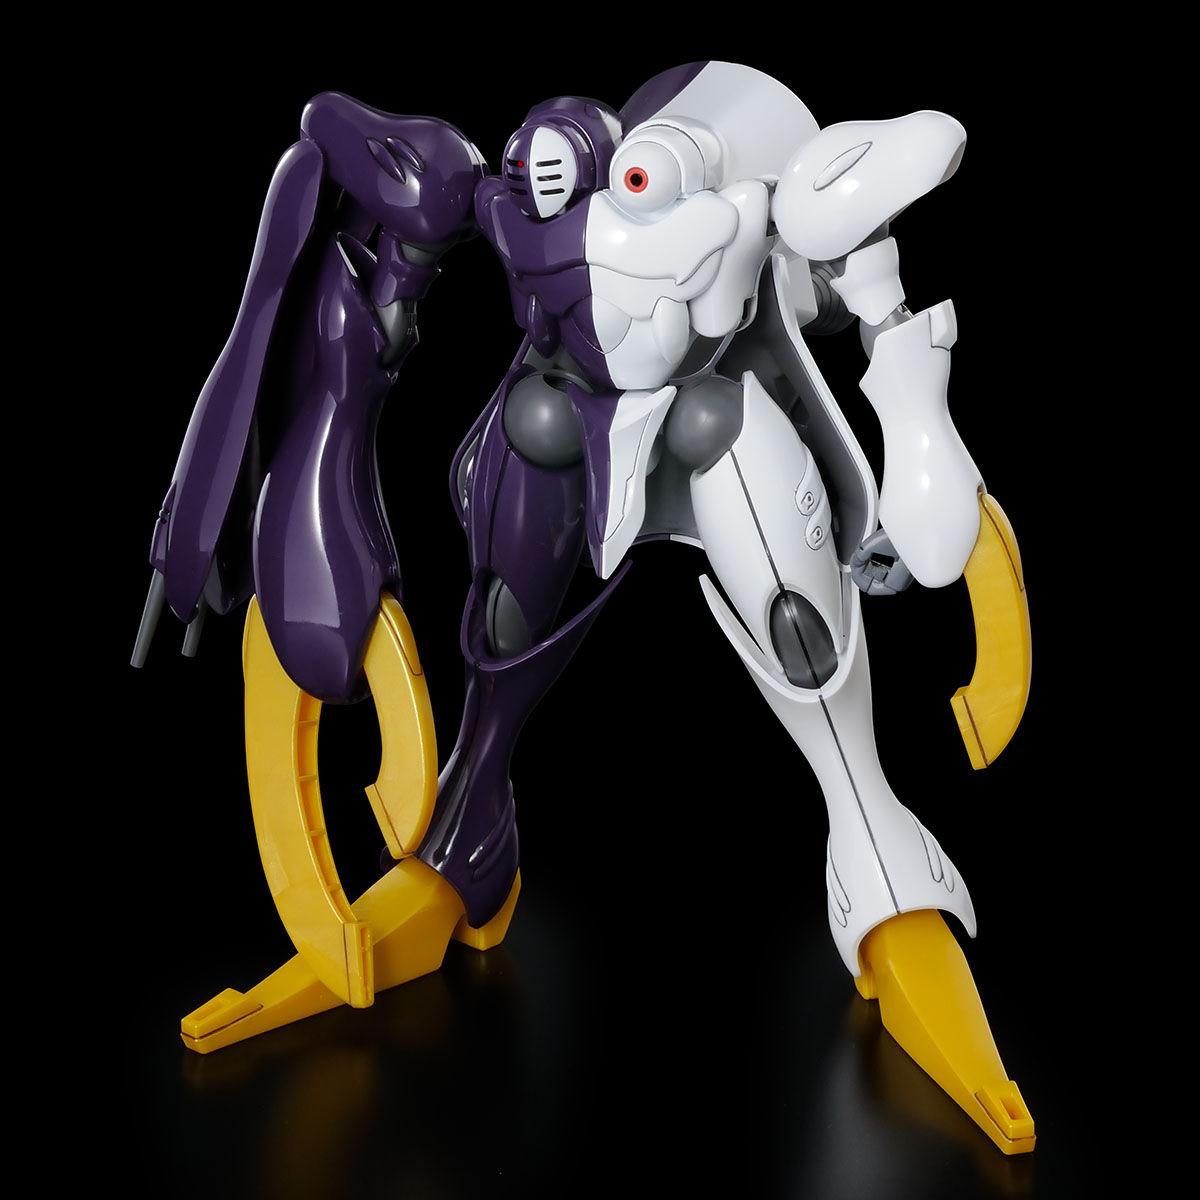 【限定販売】HG 1/144『ディキトゥス(影のカリスト専用機)』クロスボーン・ガンダム プラモデル-002